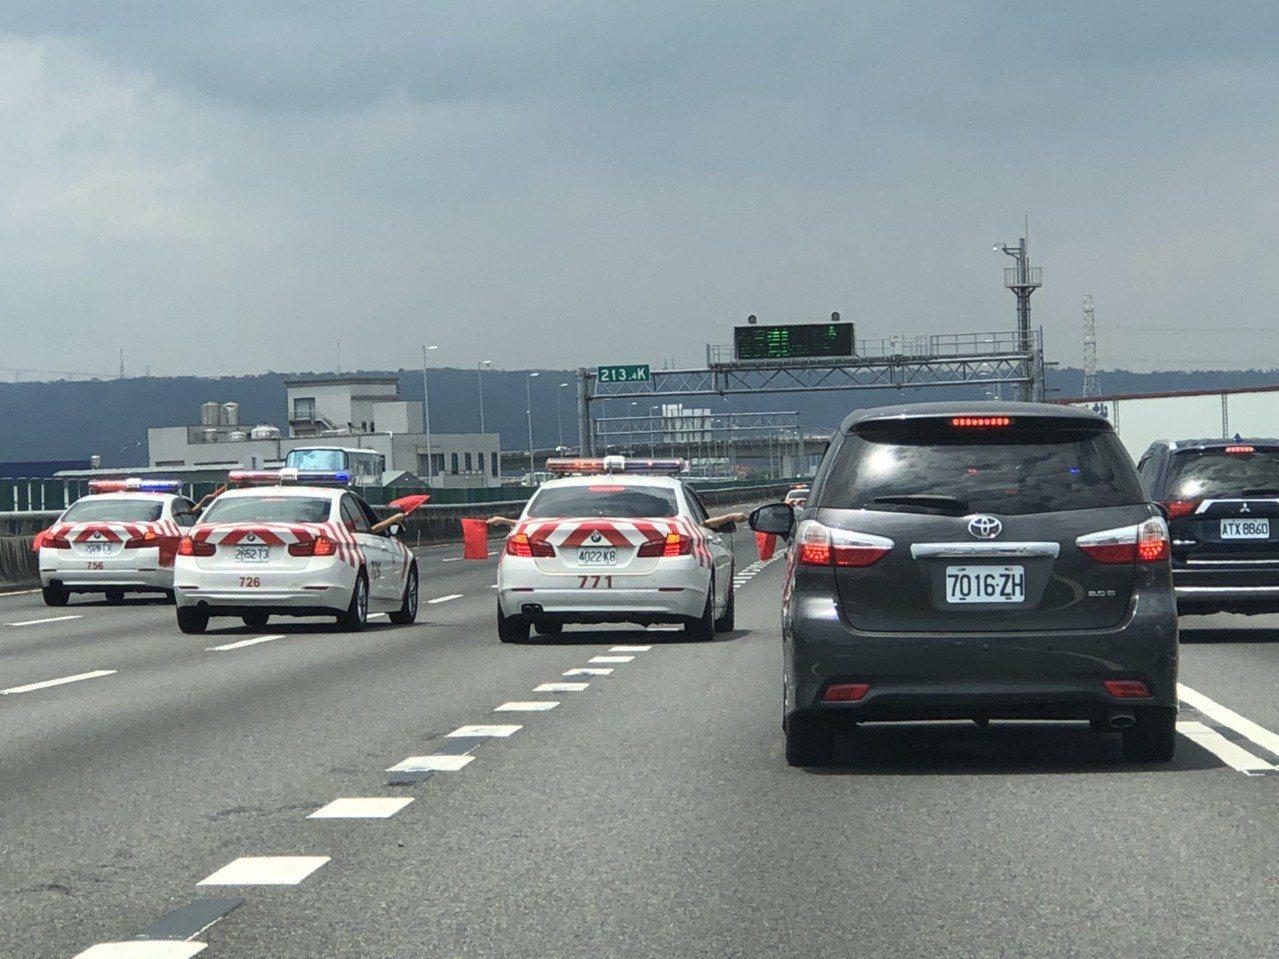 為了總統維安,國道警察以警車擋住高速公路五個車道,立委批評影響交通和國道警察安全...